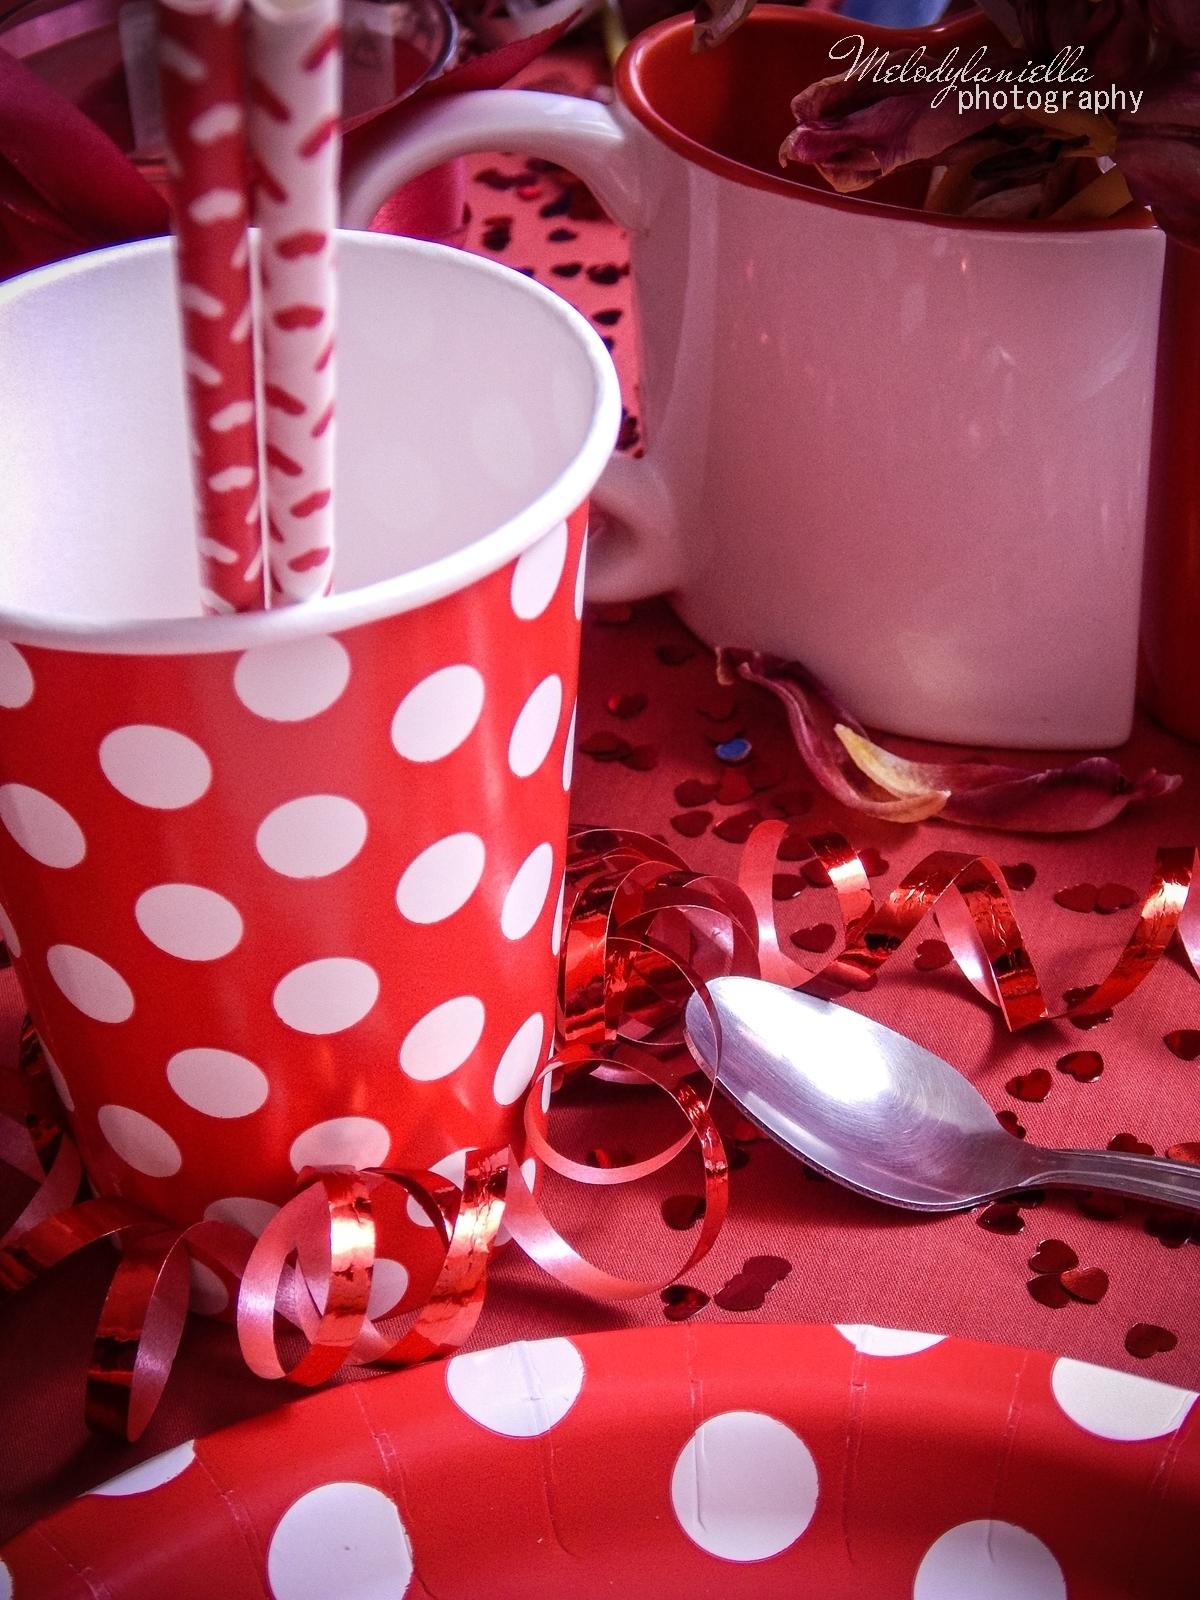 16 jak udekorować stół na walentynki walentynkowa kolacja pomysły na walentynkowe prezenty walentynkowe dekoracje home interior valentines blog melodylaniella partybox red prezent dla niego